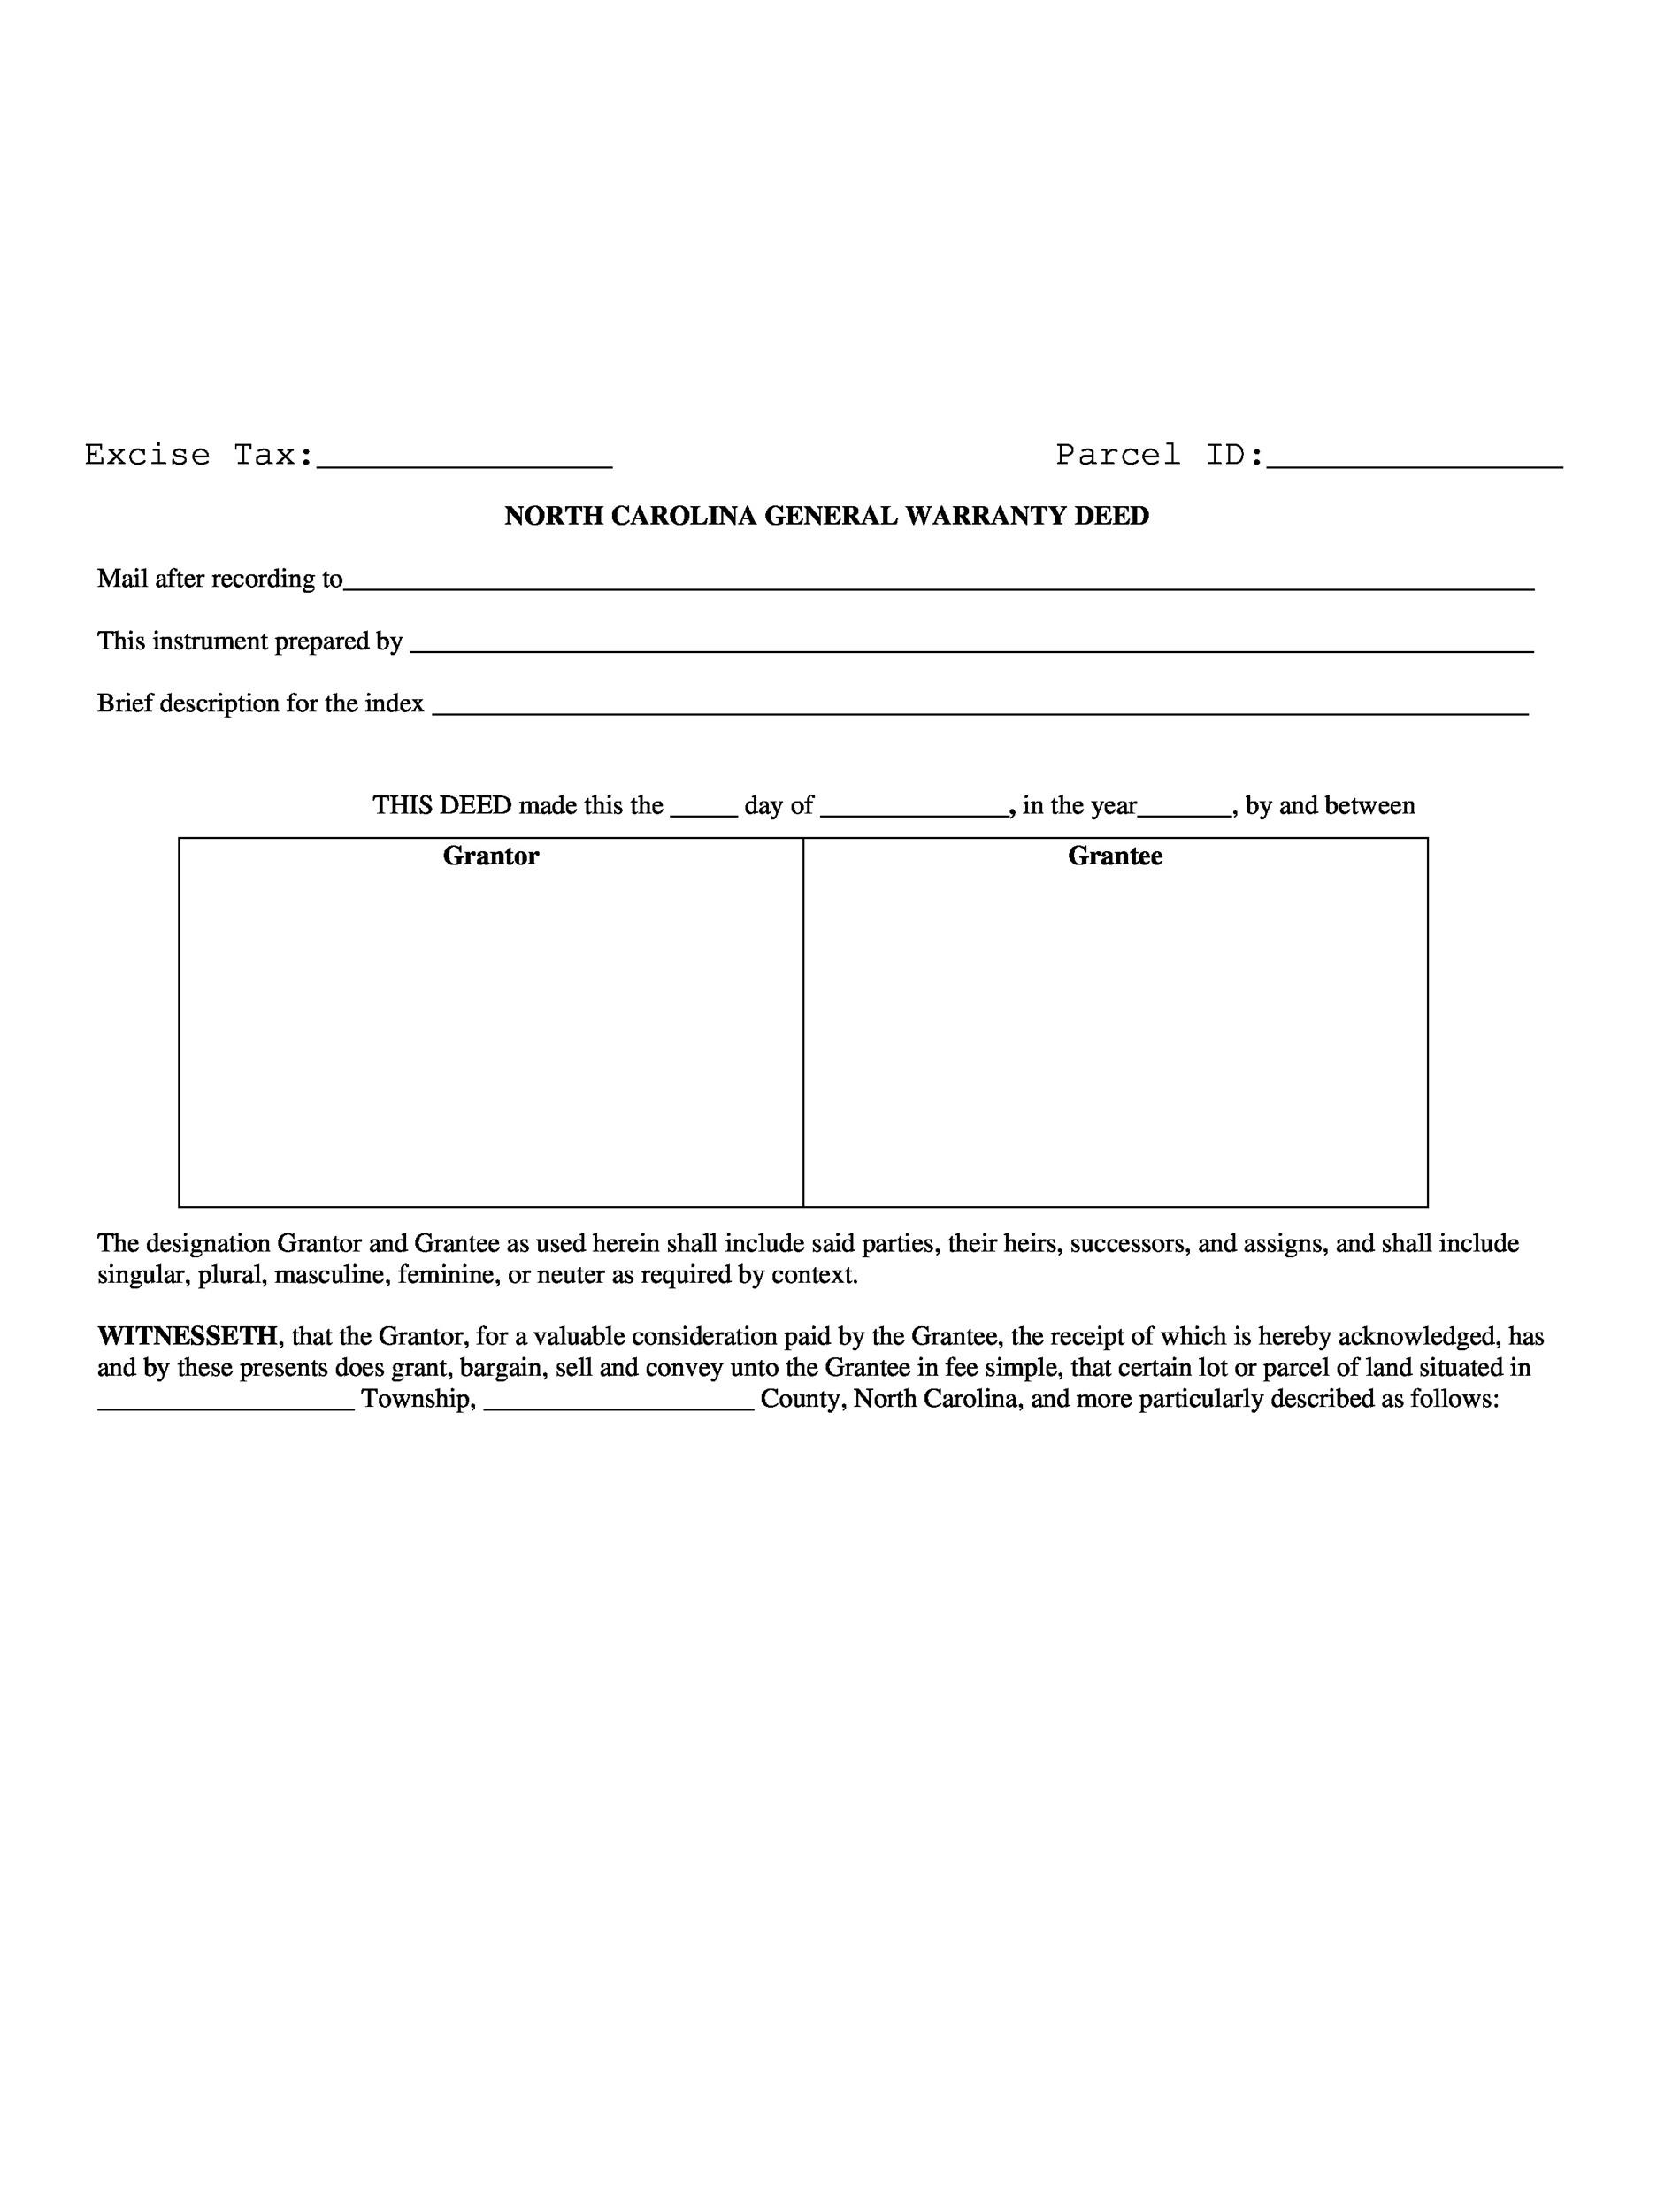 Free Warranty deed template 11